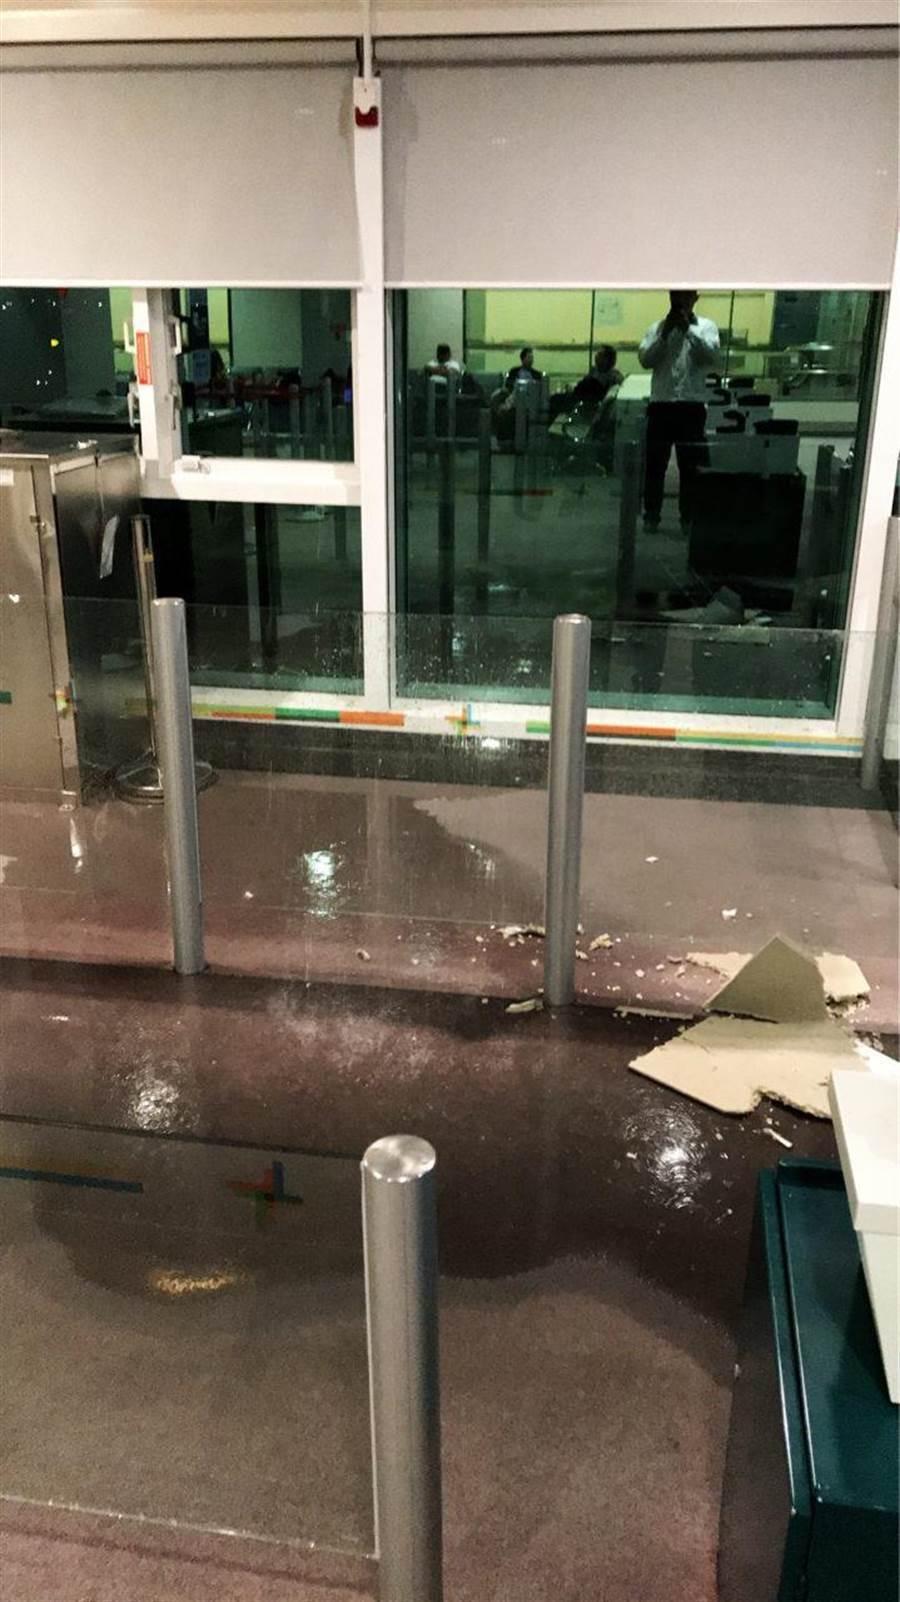 桃機2航厦頻漏水,被網友嘲諷「登機請帶傘」。(翻攝自PTT)